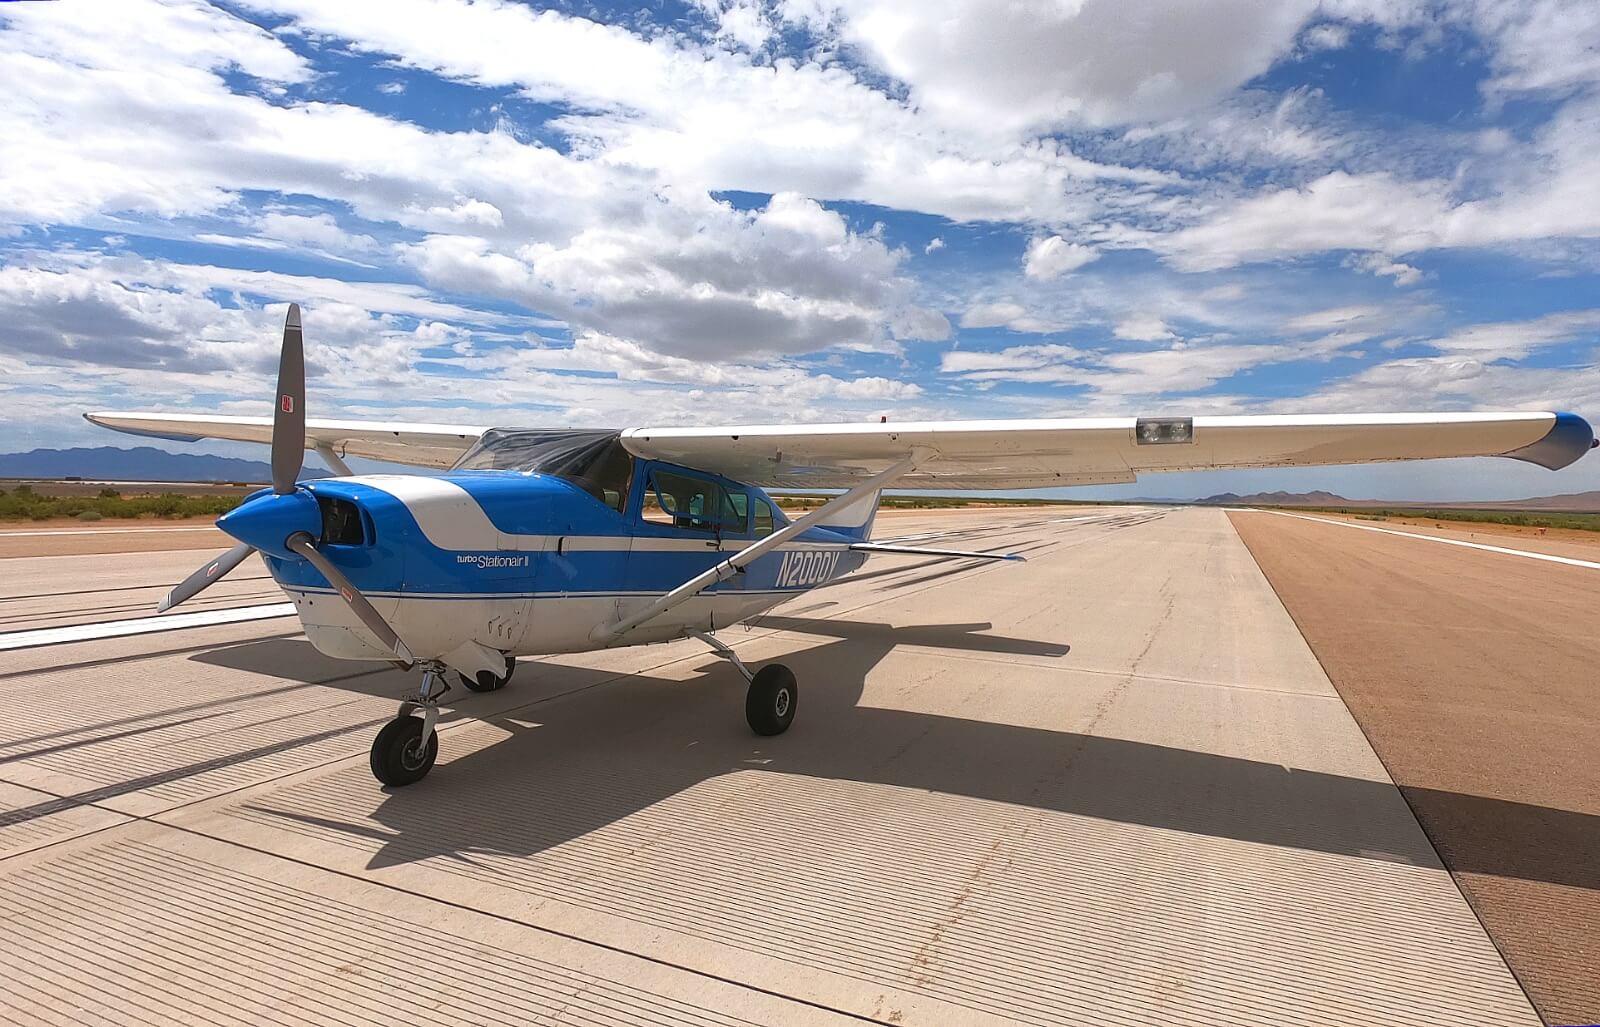 Создан робот-пилот, способный управлять любым самолетом